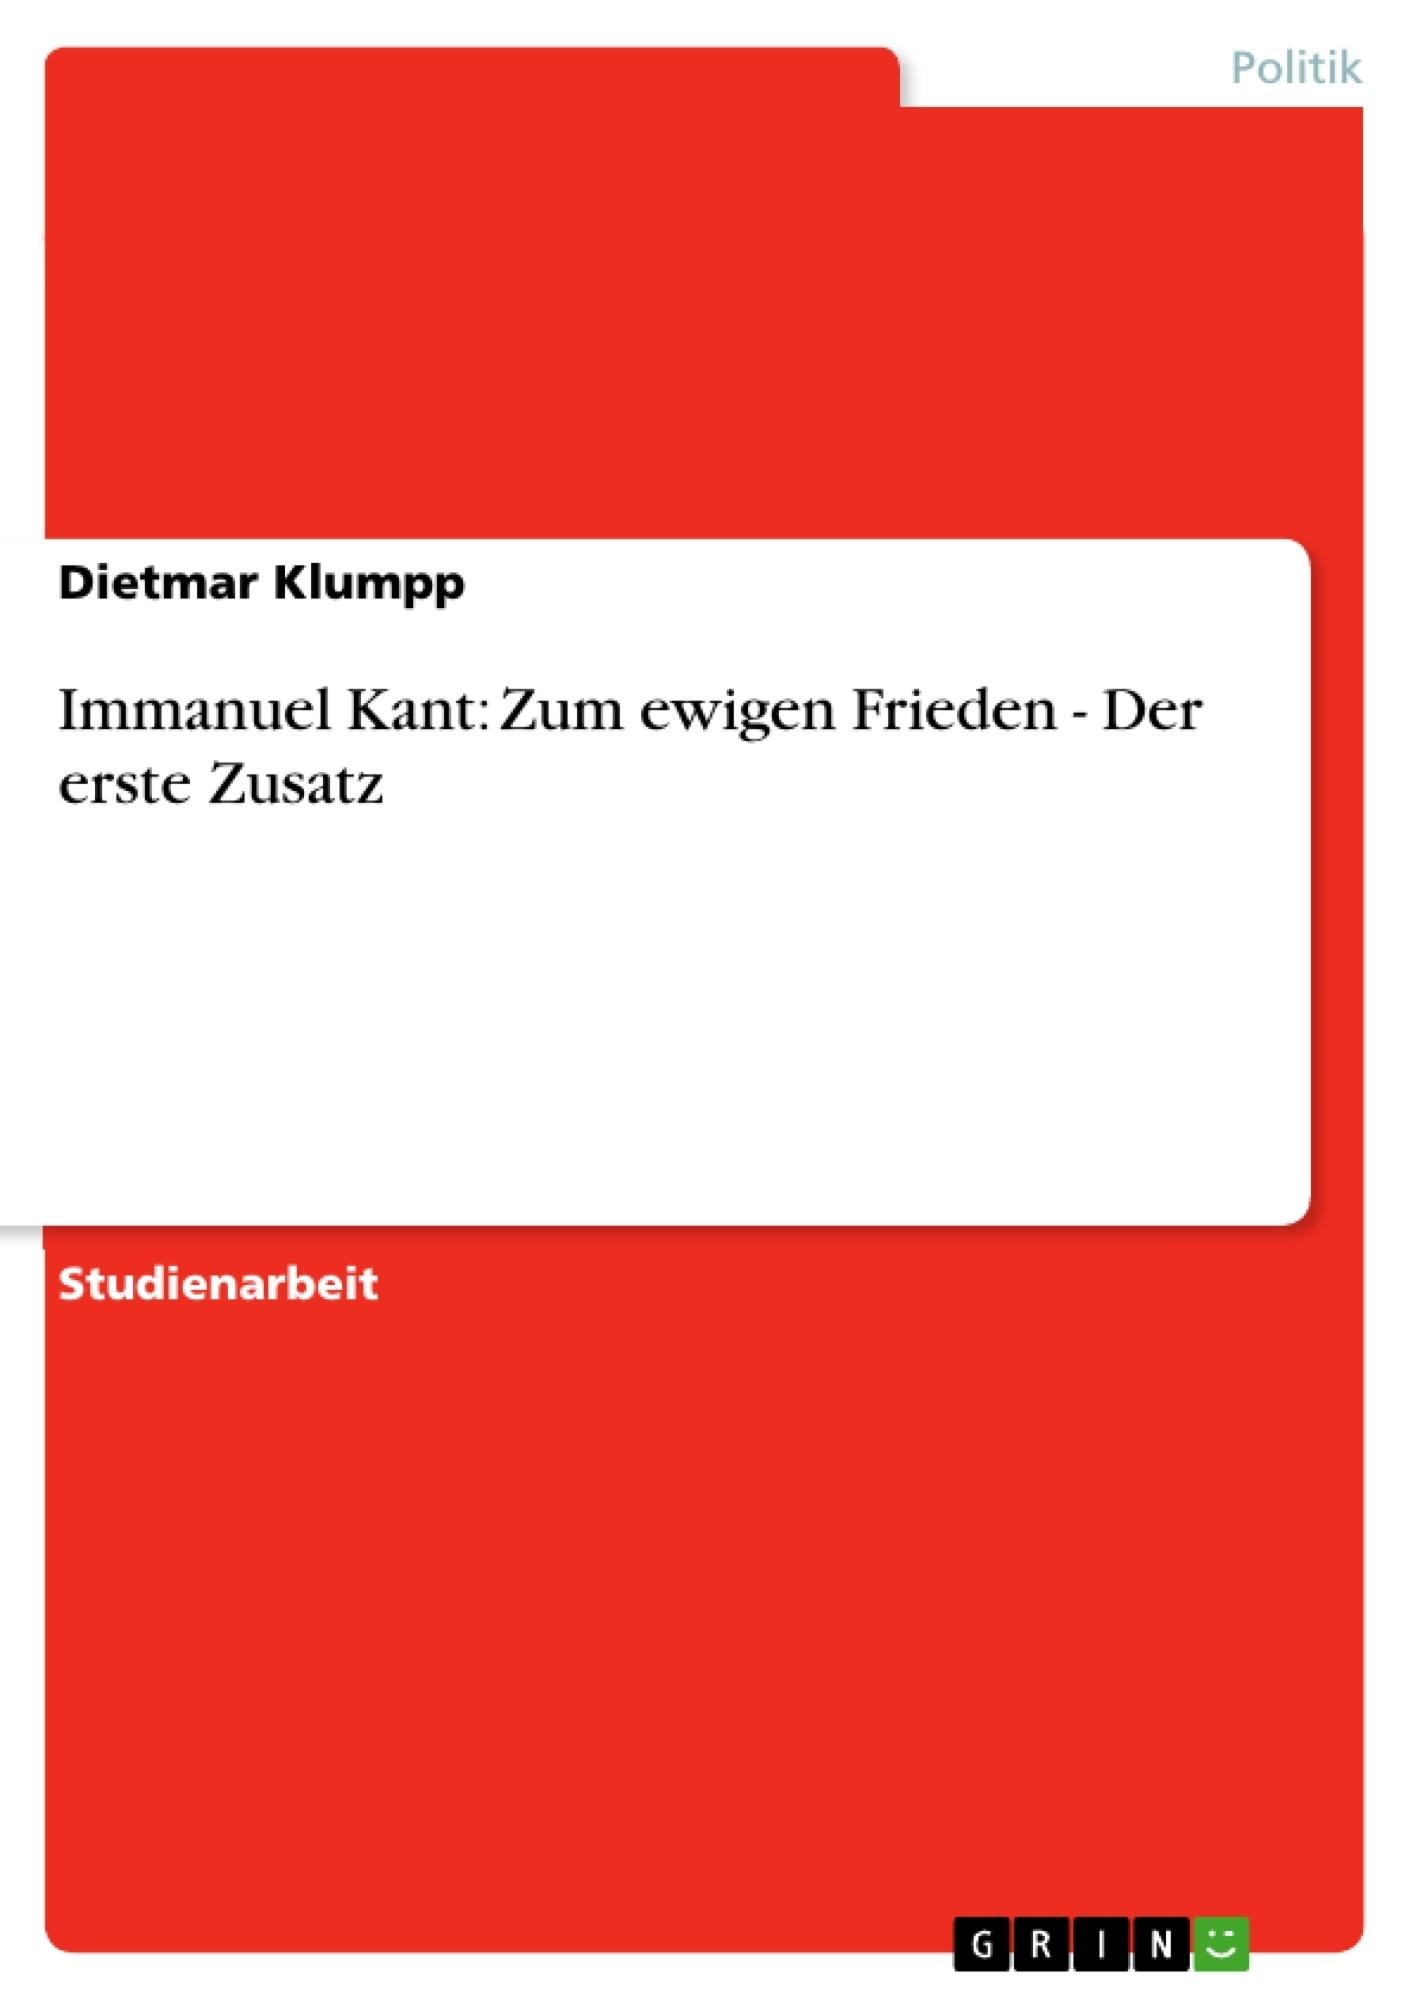 Titel: Immanuel Kant: Zum ewigen Frieden - Der erste Zusatz